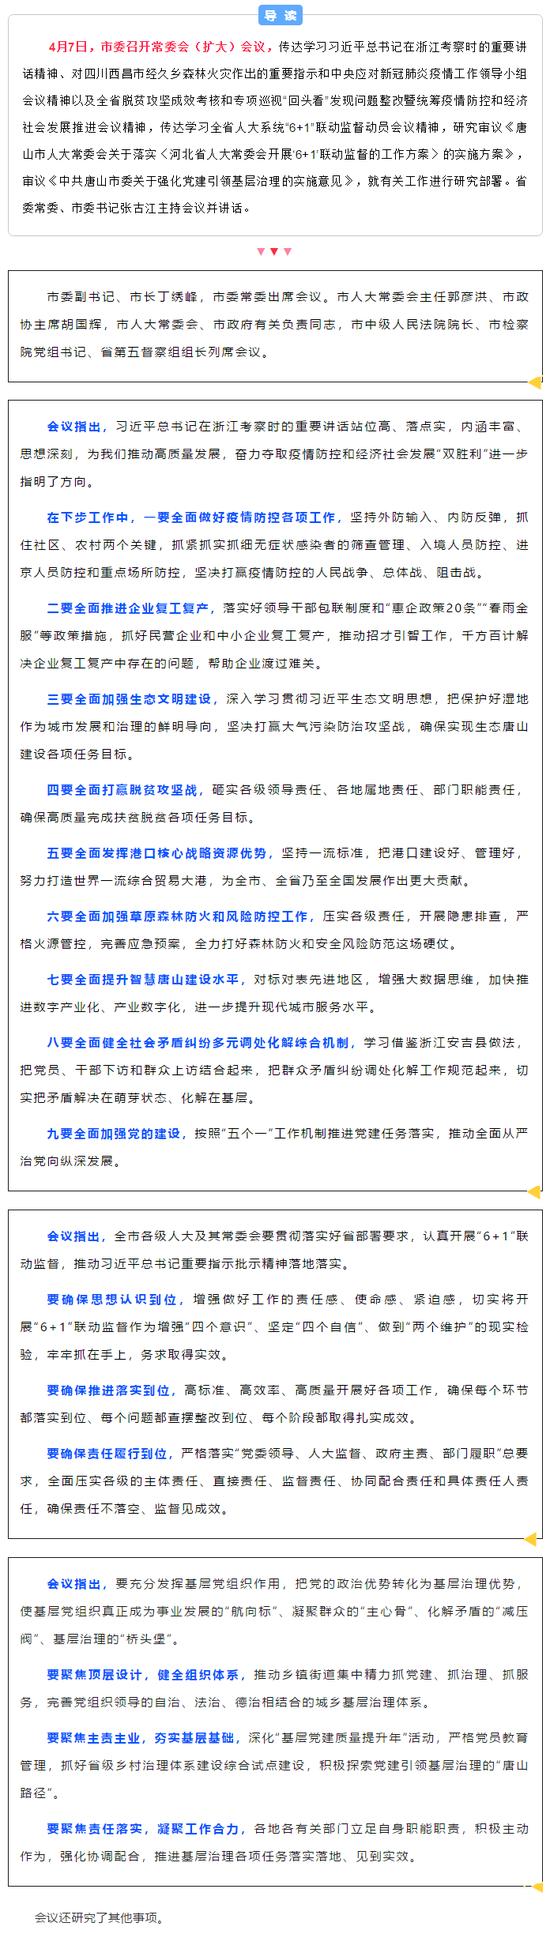 唐山市委召开常委会(扩大)会议